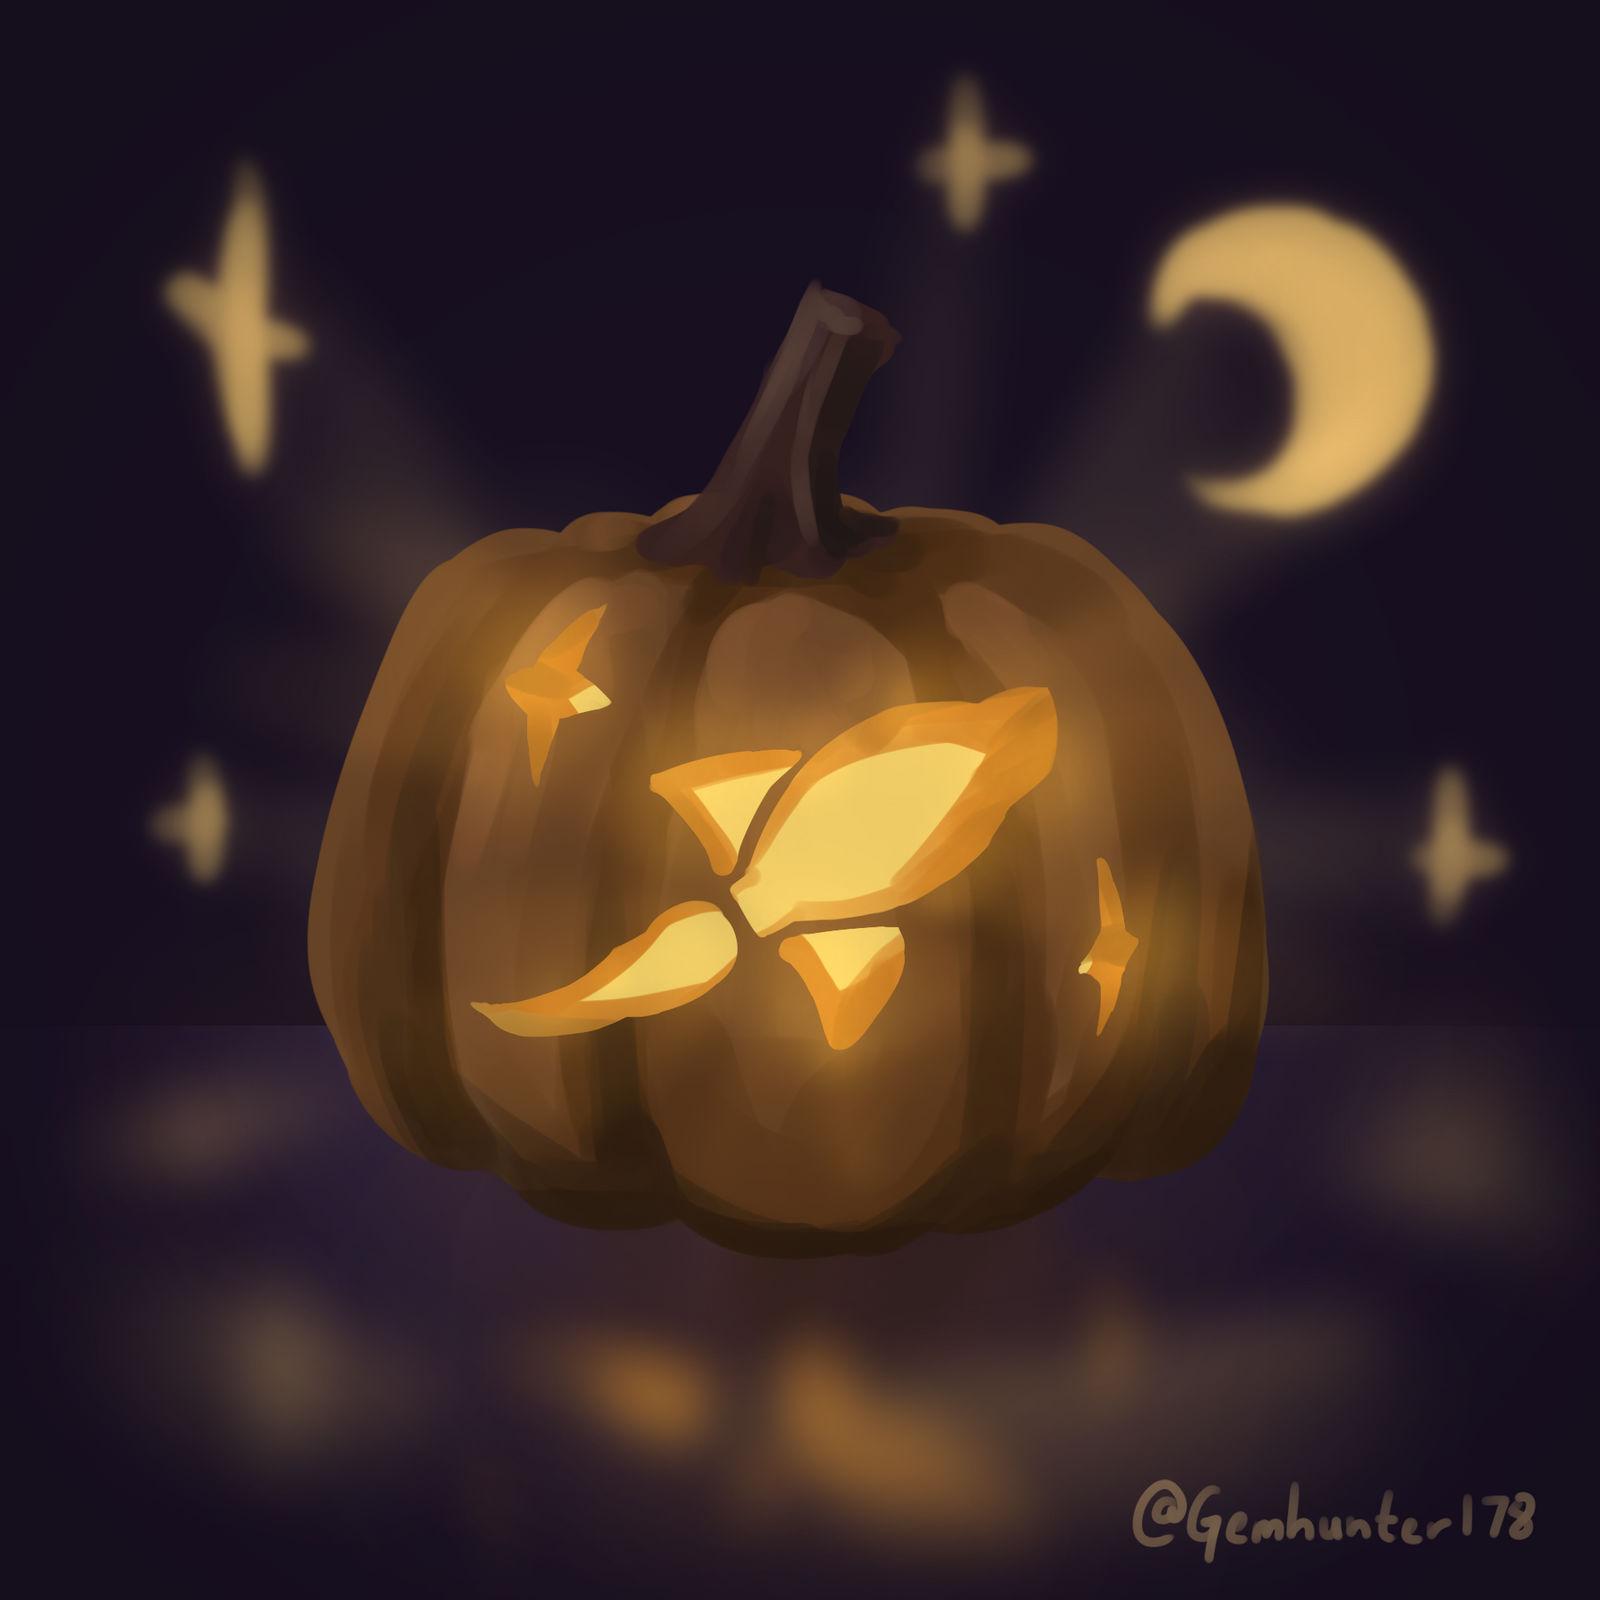 Pumpkin design